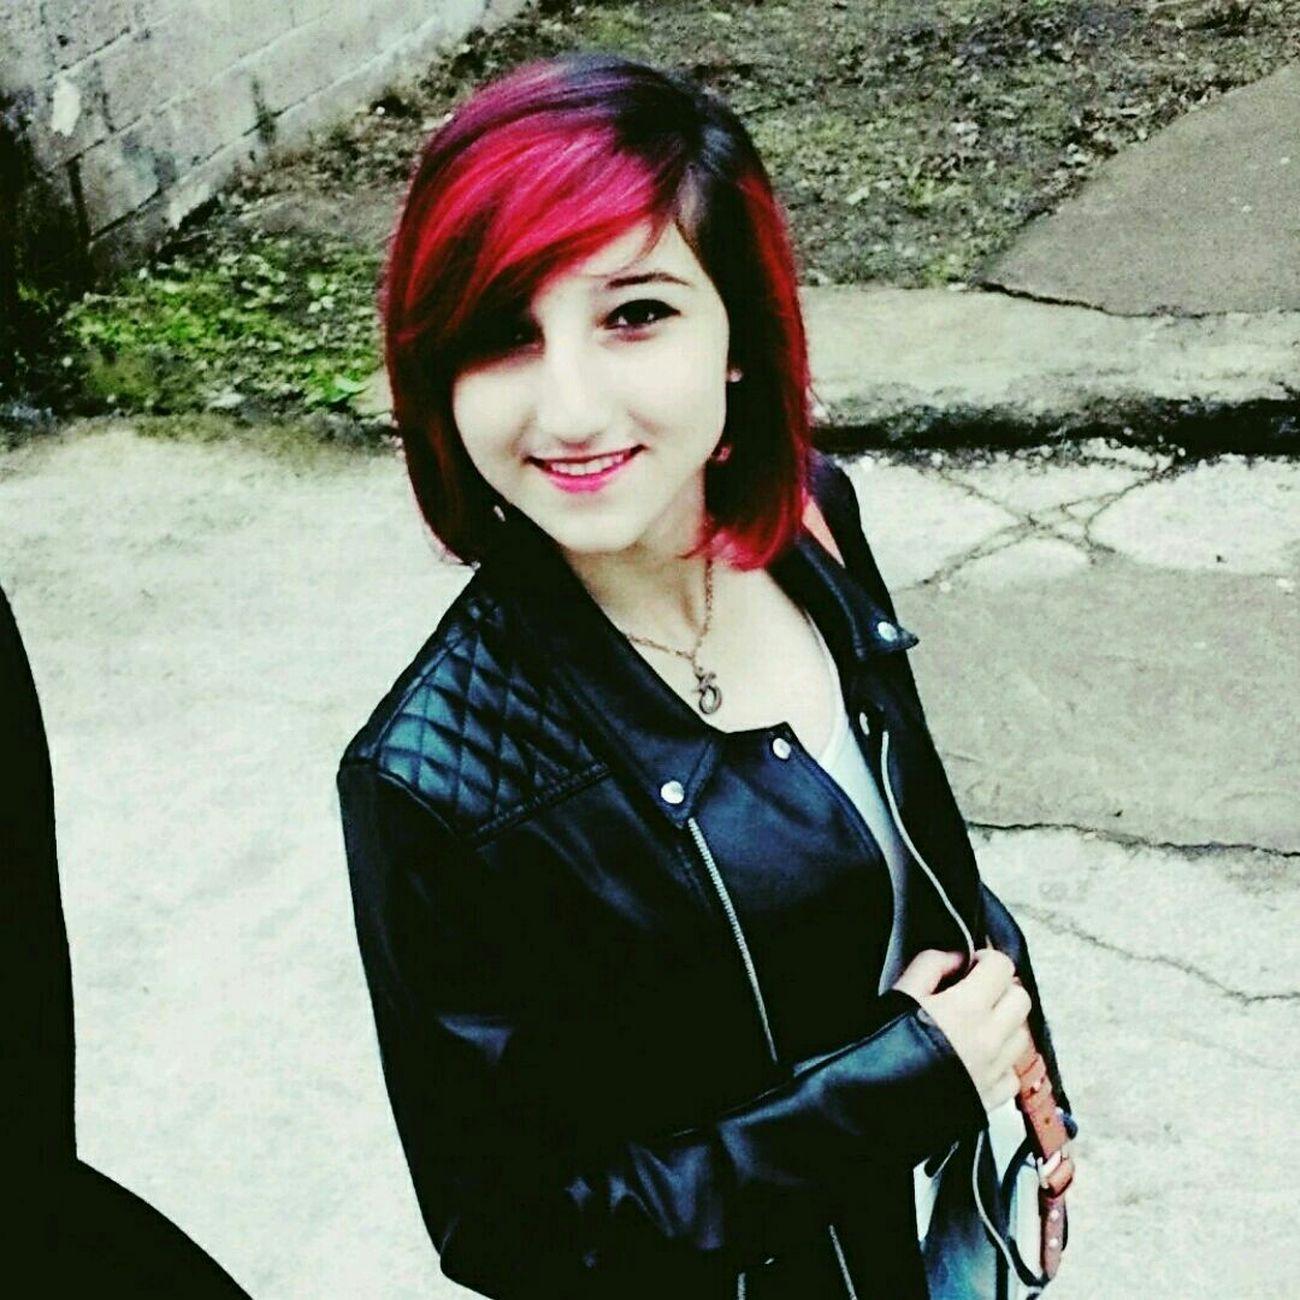 Kırmızı Kafalı Ben Saçlarım Red Hair Amateurphotography Yeni Tarz Farklı Model